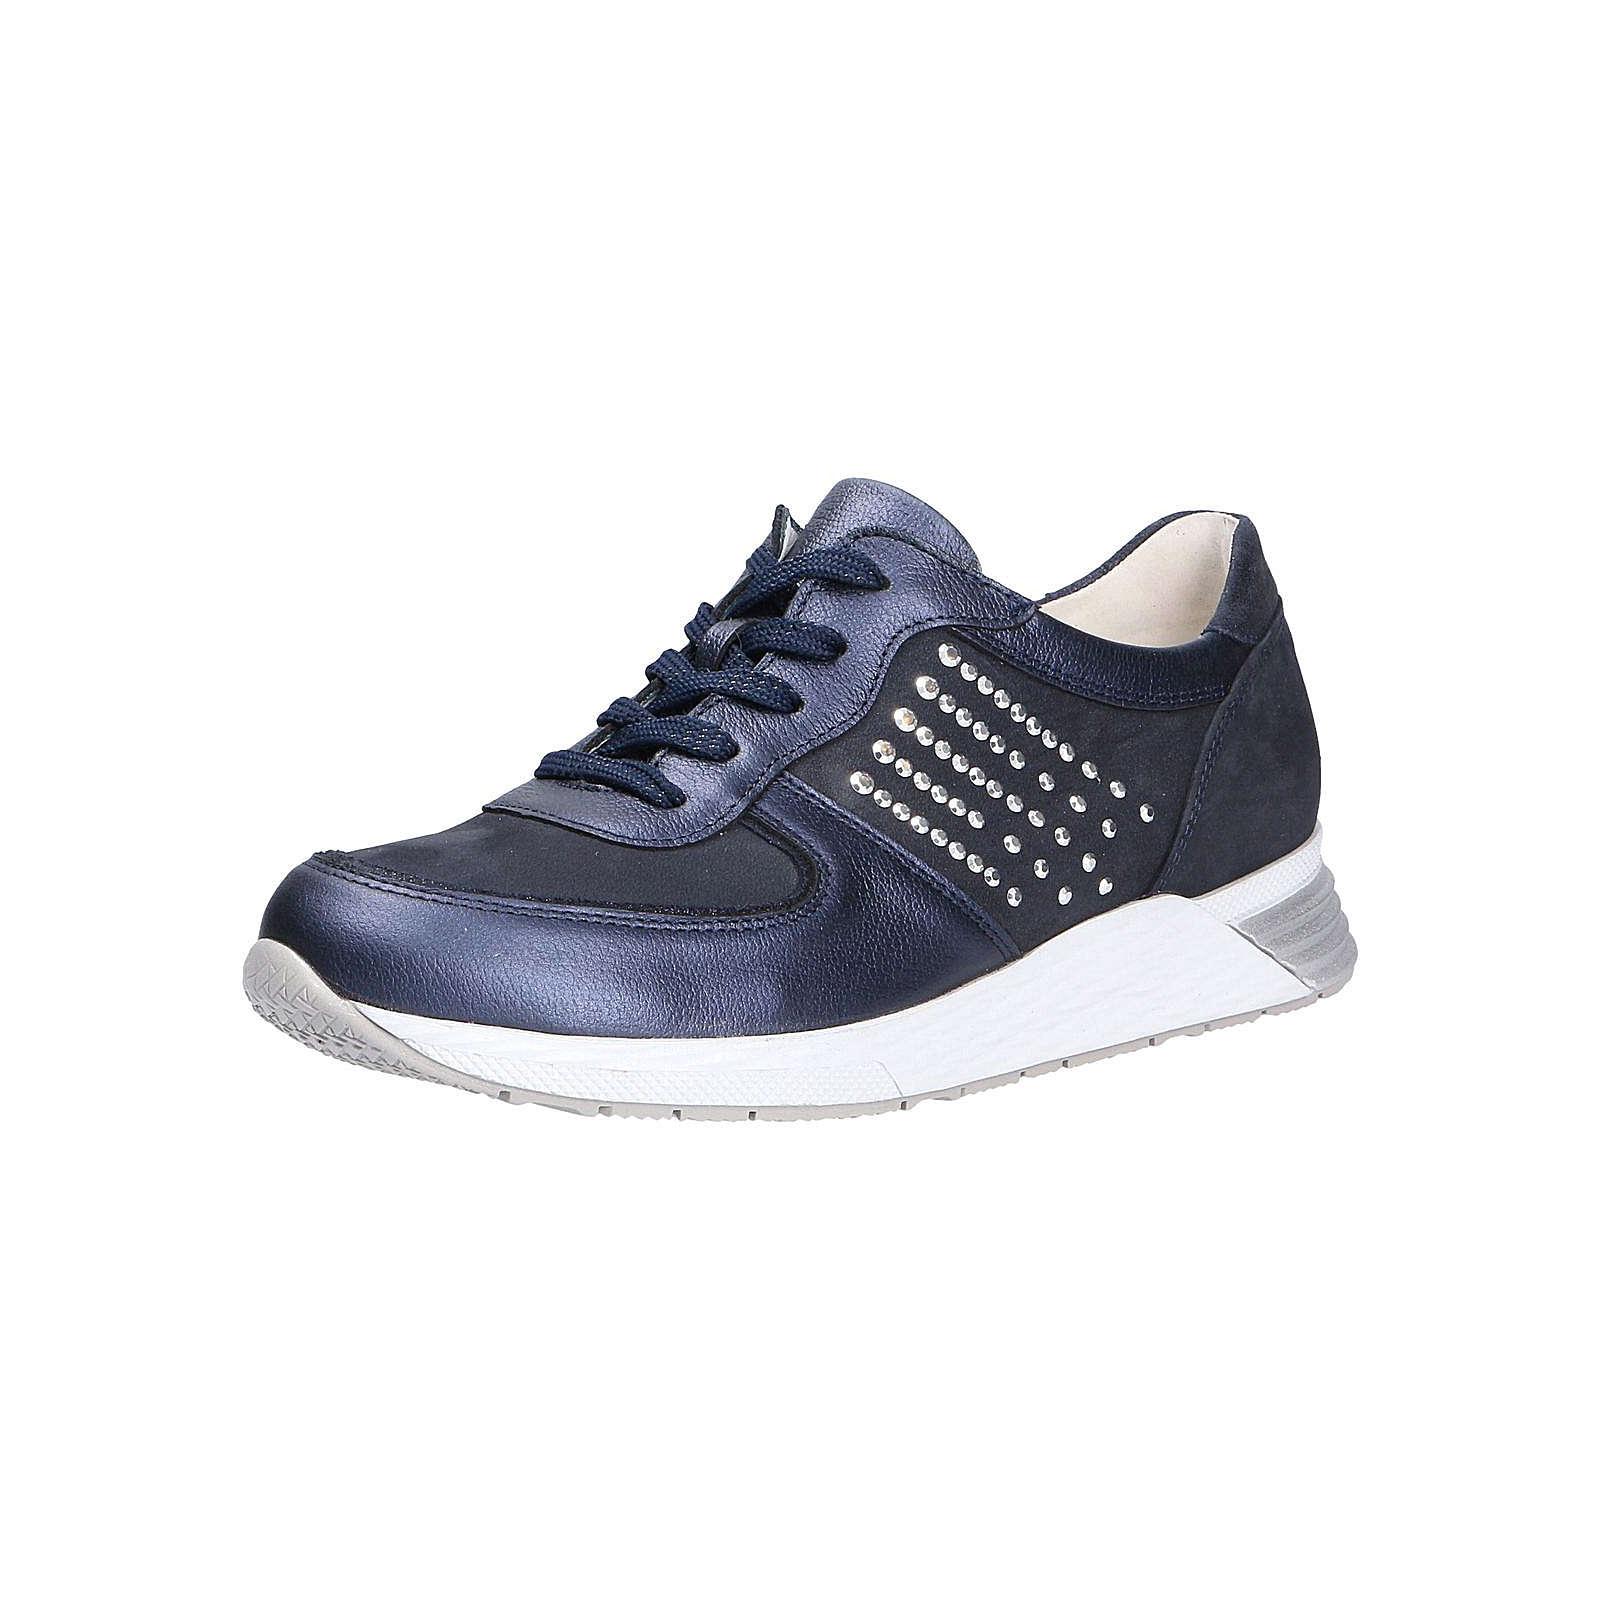 WALDLÄUFER Sneakers blau blau Damen Gr. 38